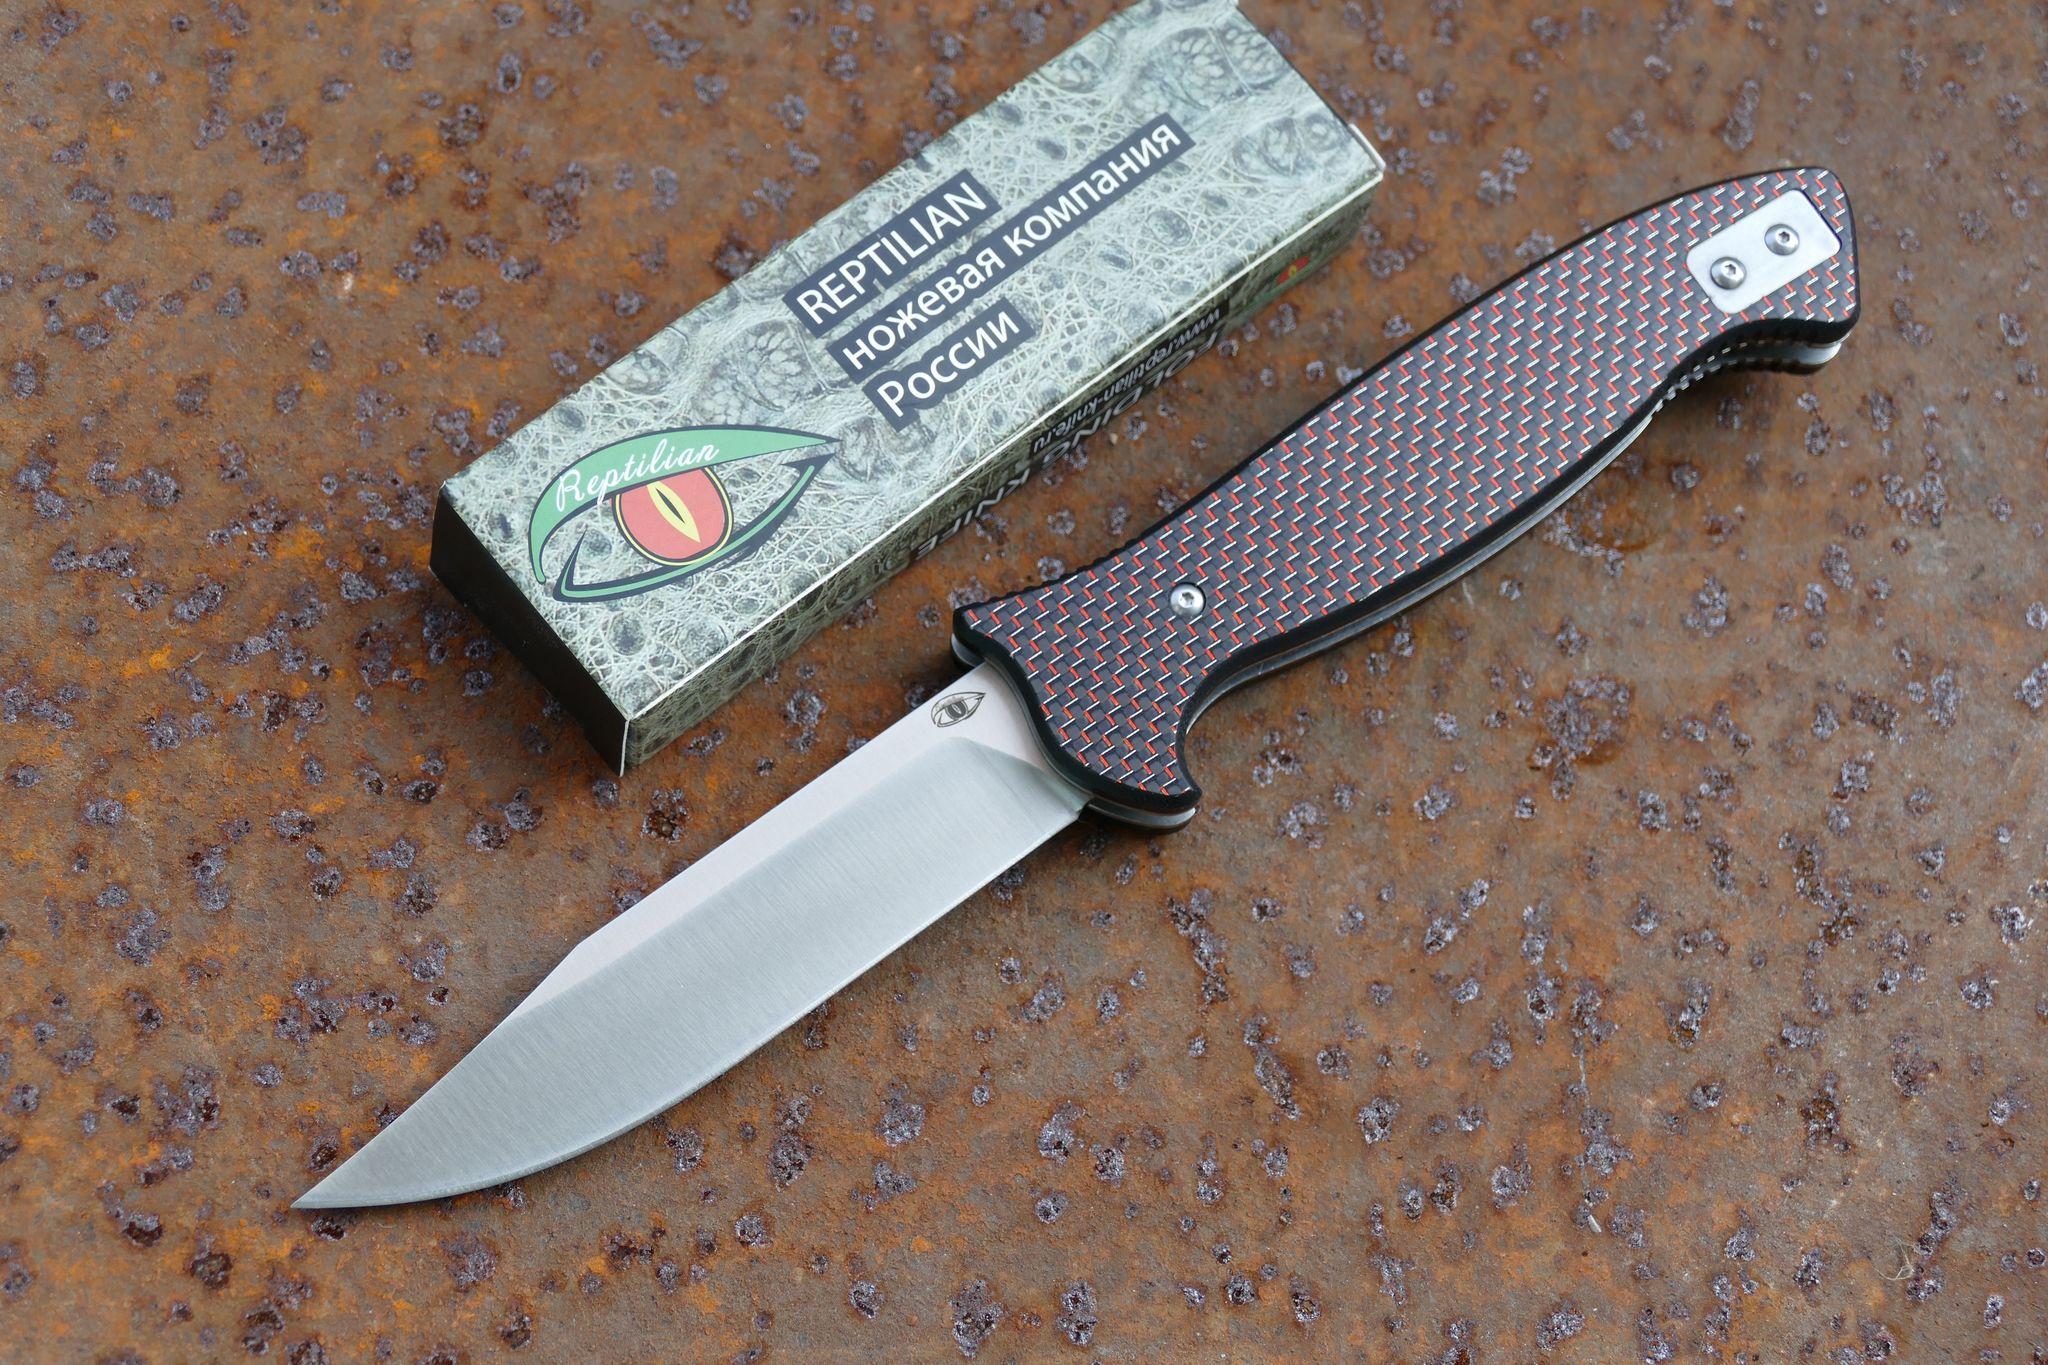 Складной Нож Разведчика, карбон красныйРаскладные ножи<br>марка стали: D2твёрдость: HRC60-61длина общая: 255ммдлина клинка: 113ммширина клинка наибольшая: 25ммтолщина обуха: 3.5ммобработка клинка: satinвес: 217гр<br>